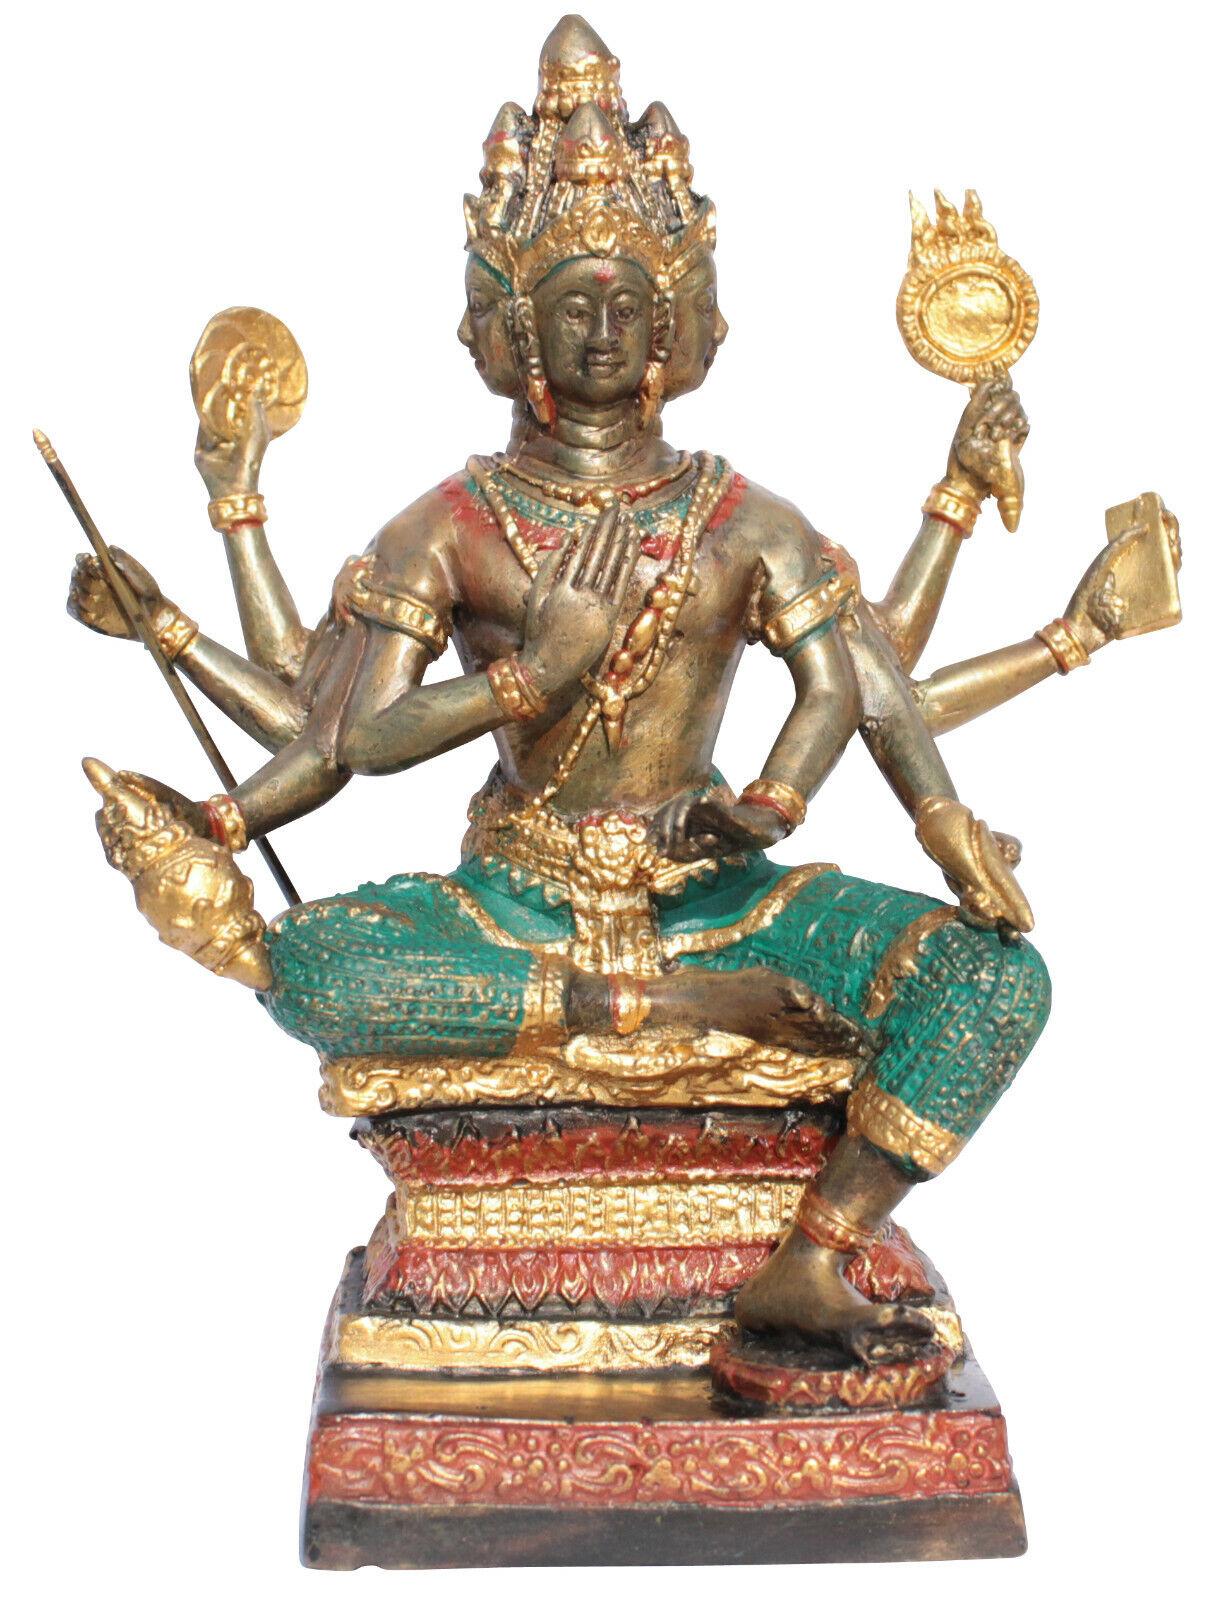 Brahma dios de la creación bronce-estatua 19cm Buda budismo hinduismo Budda